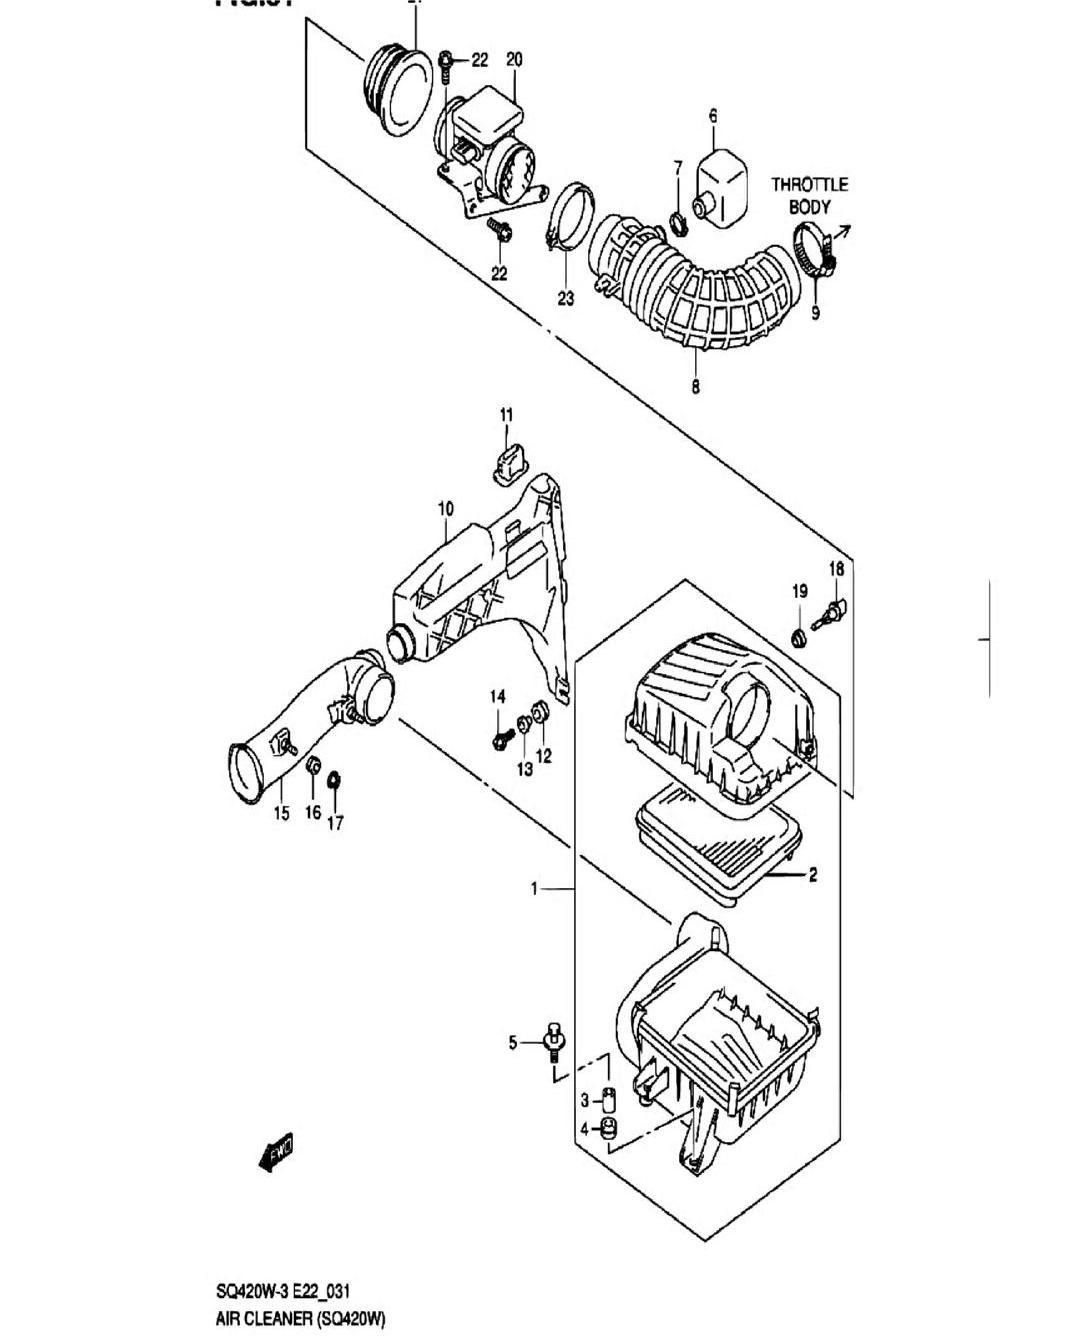 31 - Воздушный фильтр (SQ420W-3)